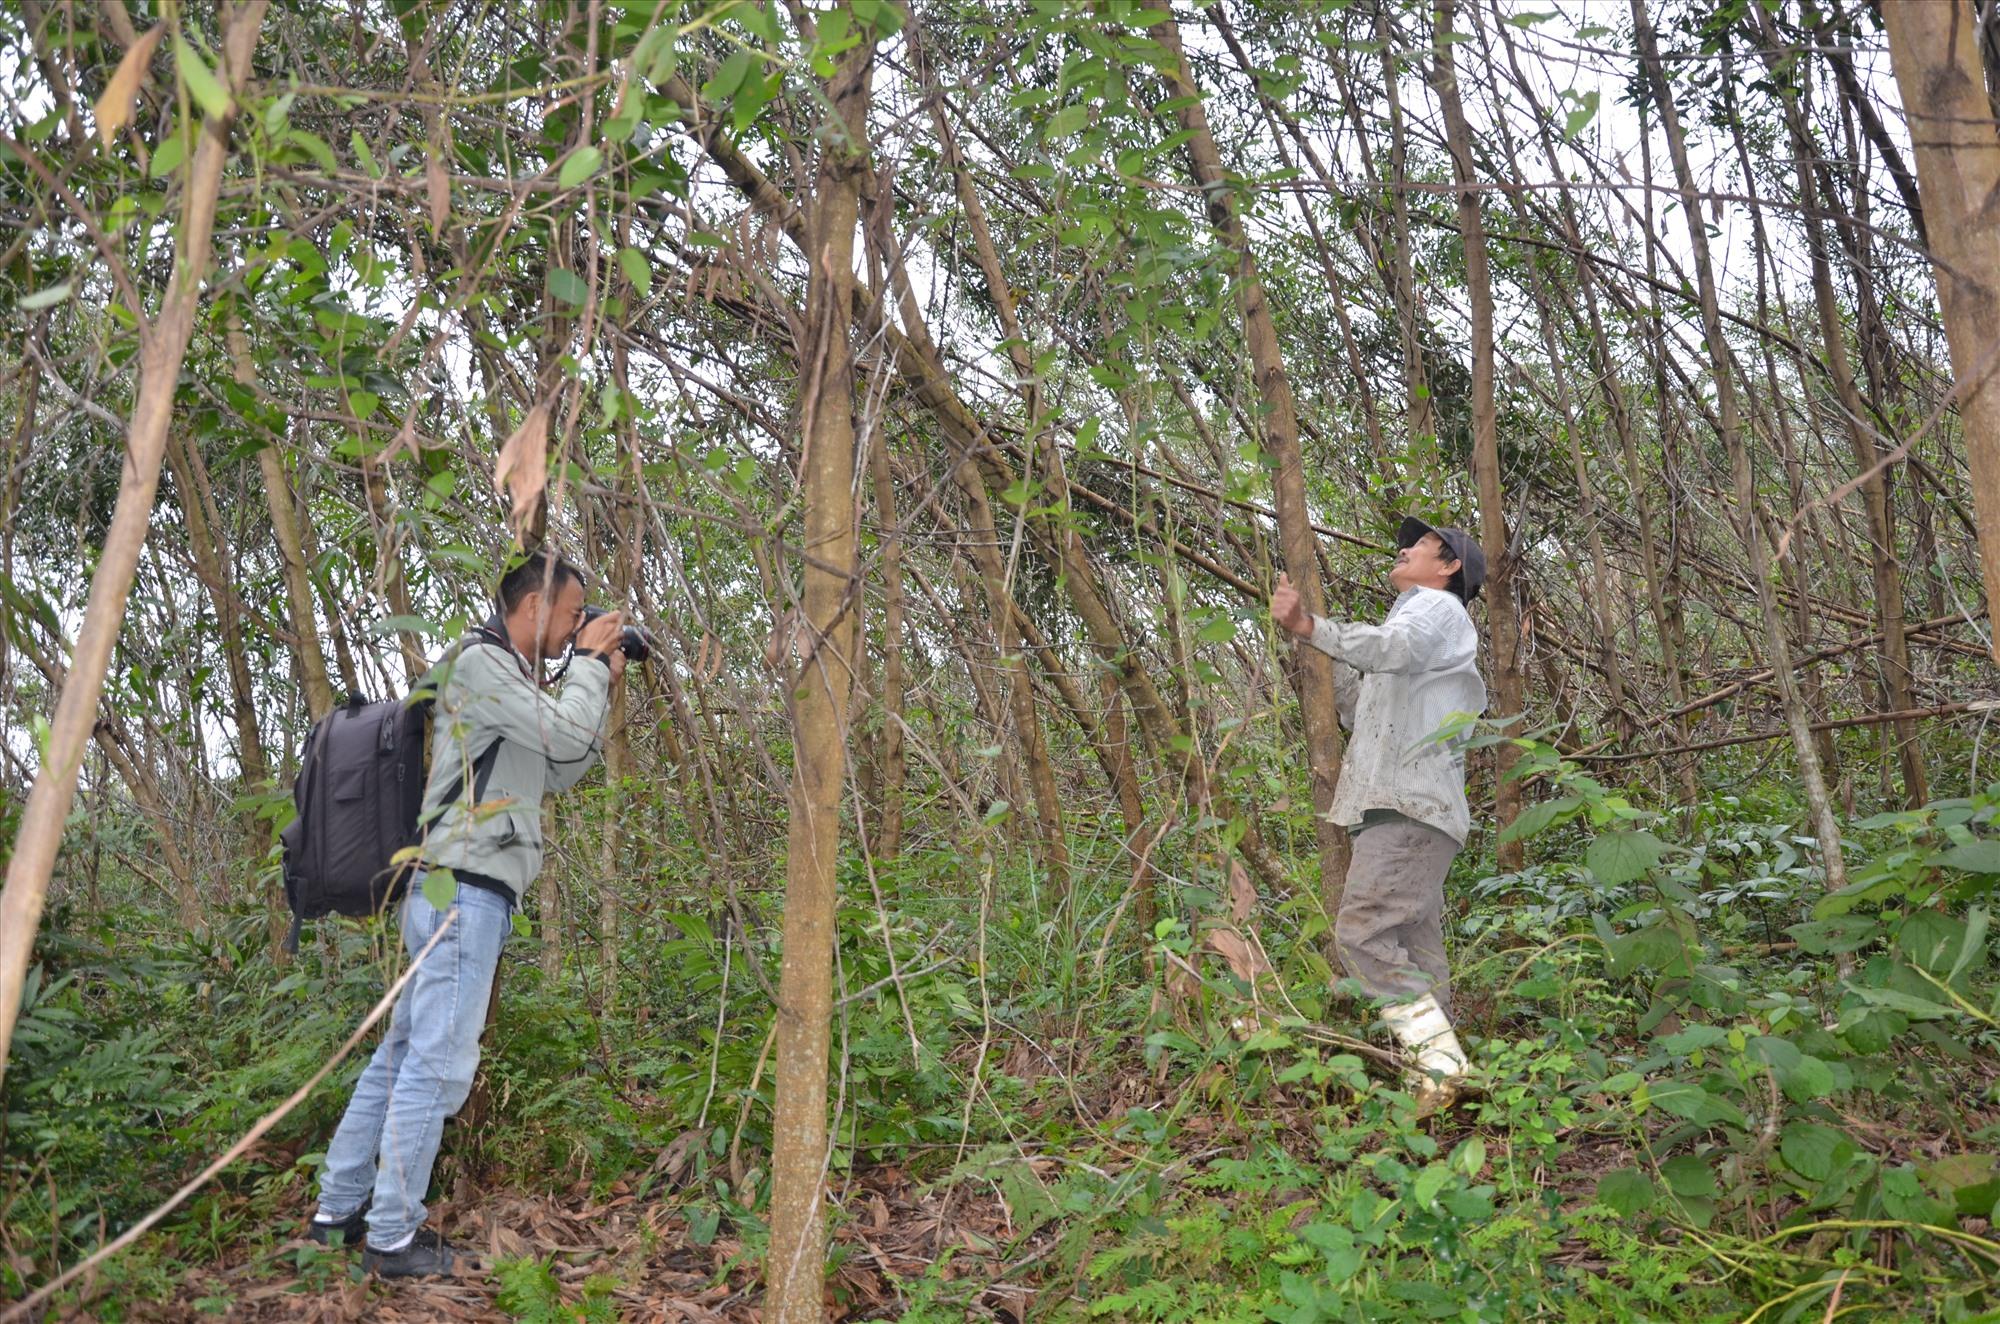 Hộ ông Lê Ngọc Ân, ở khối phố Tân Bình (Hiệp Đức) bên khu rừng bị thiệt hại trong cơn bão cuối năm 2020. Ảnh: H.P